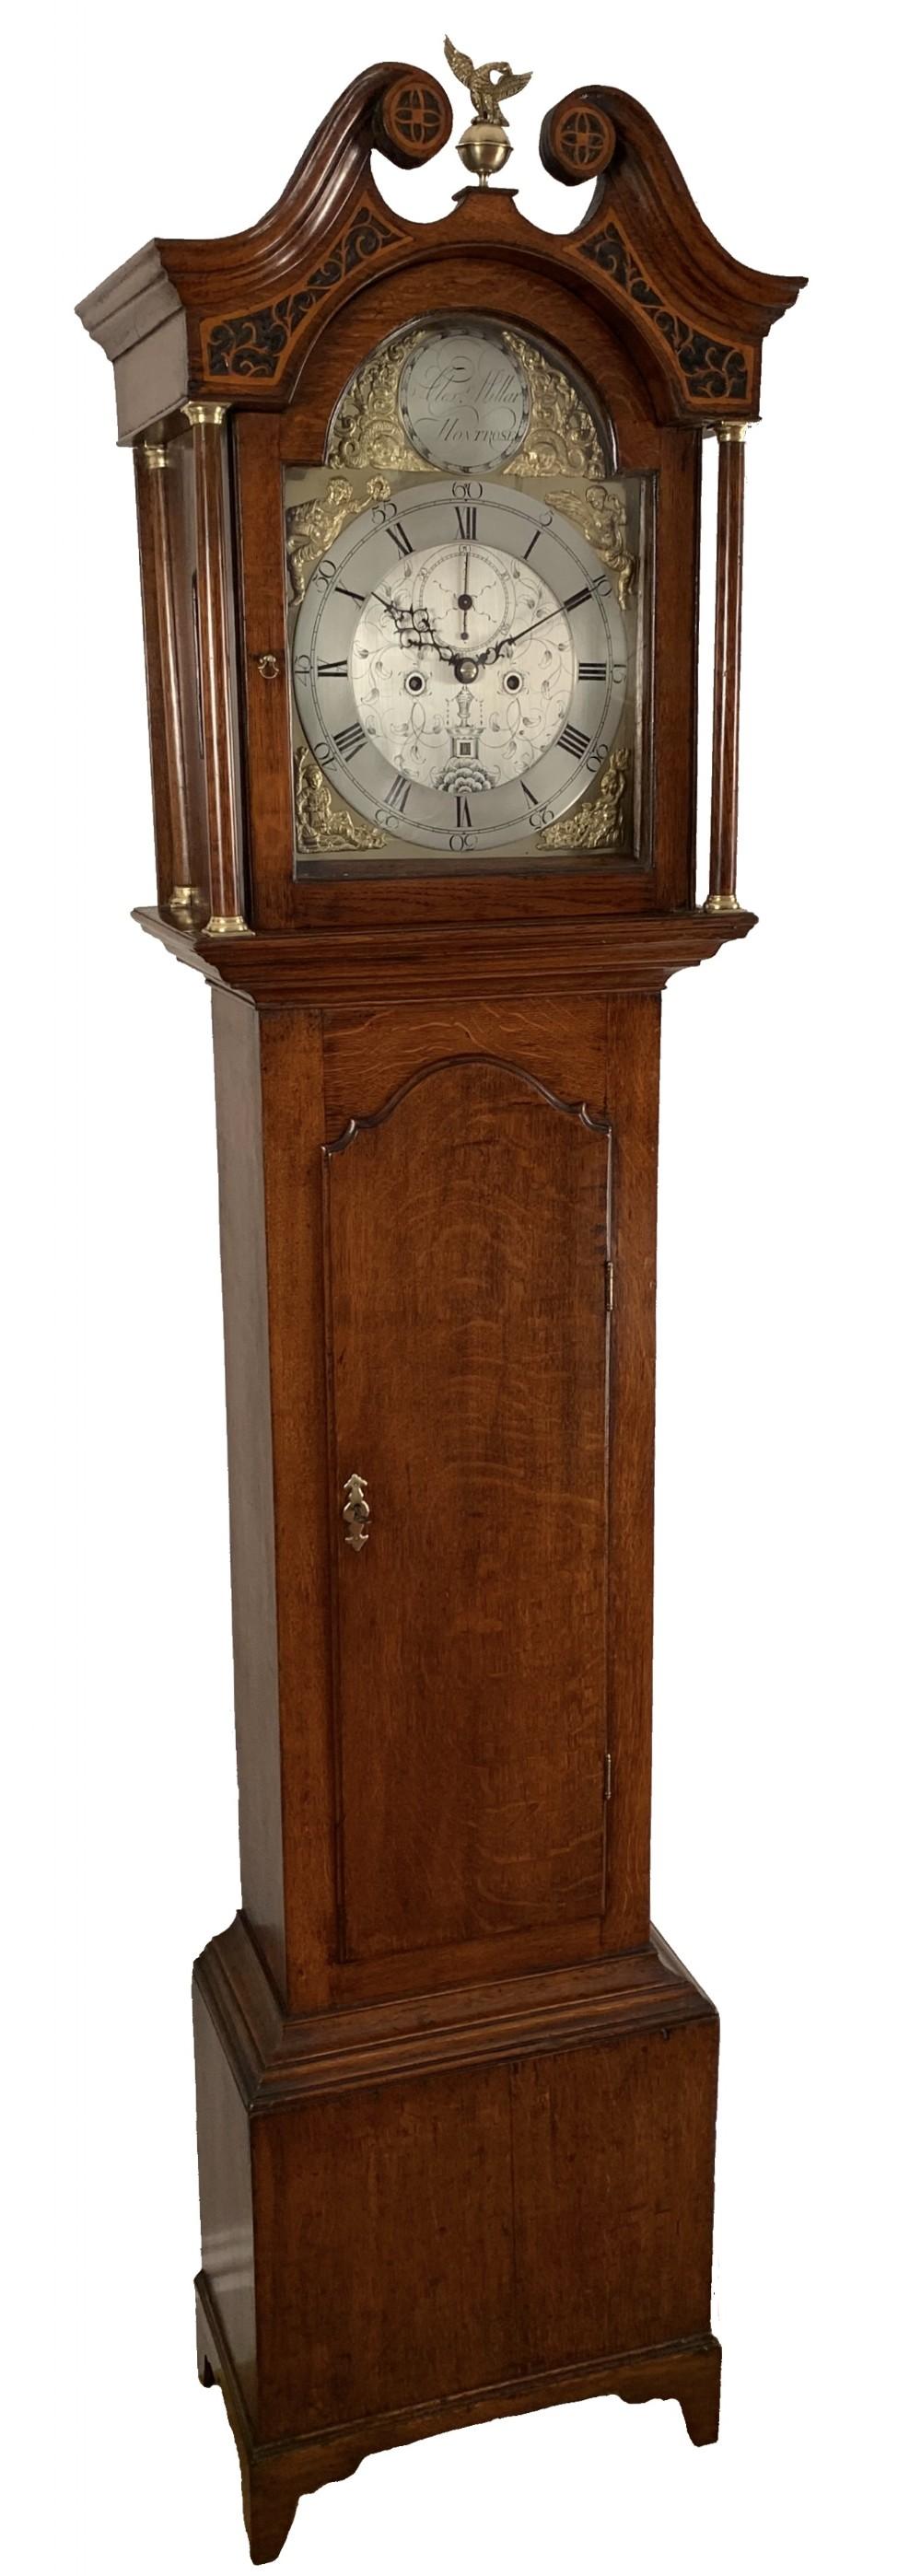 scottish longcase clock by miller of montrose